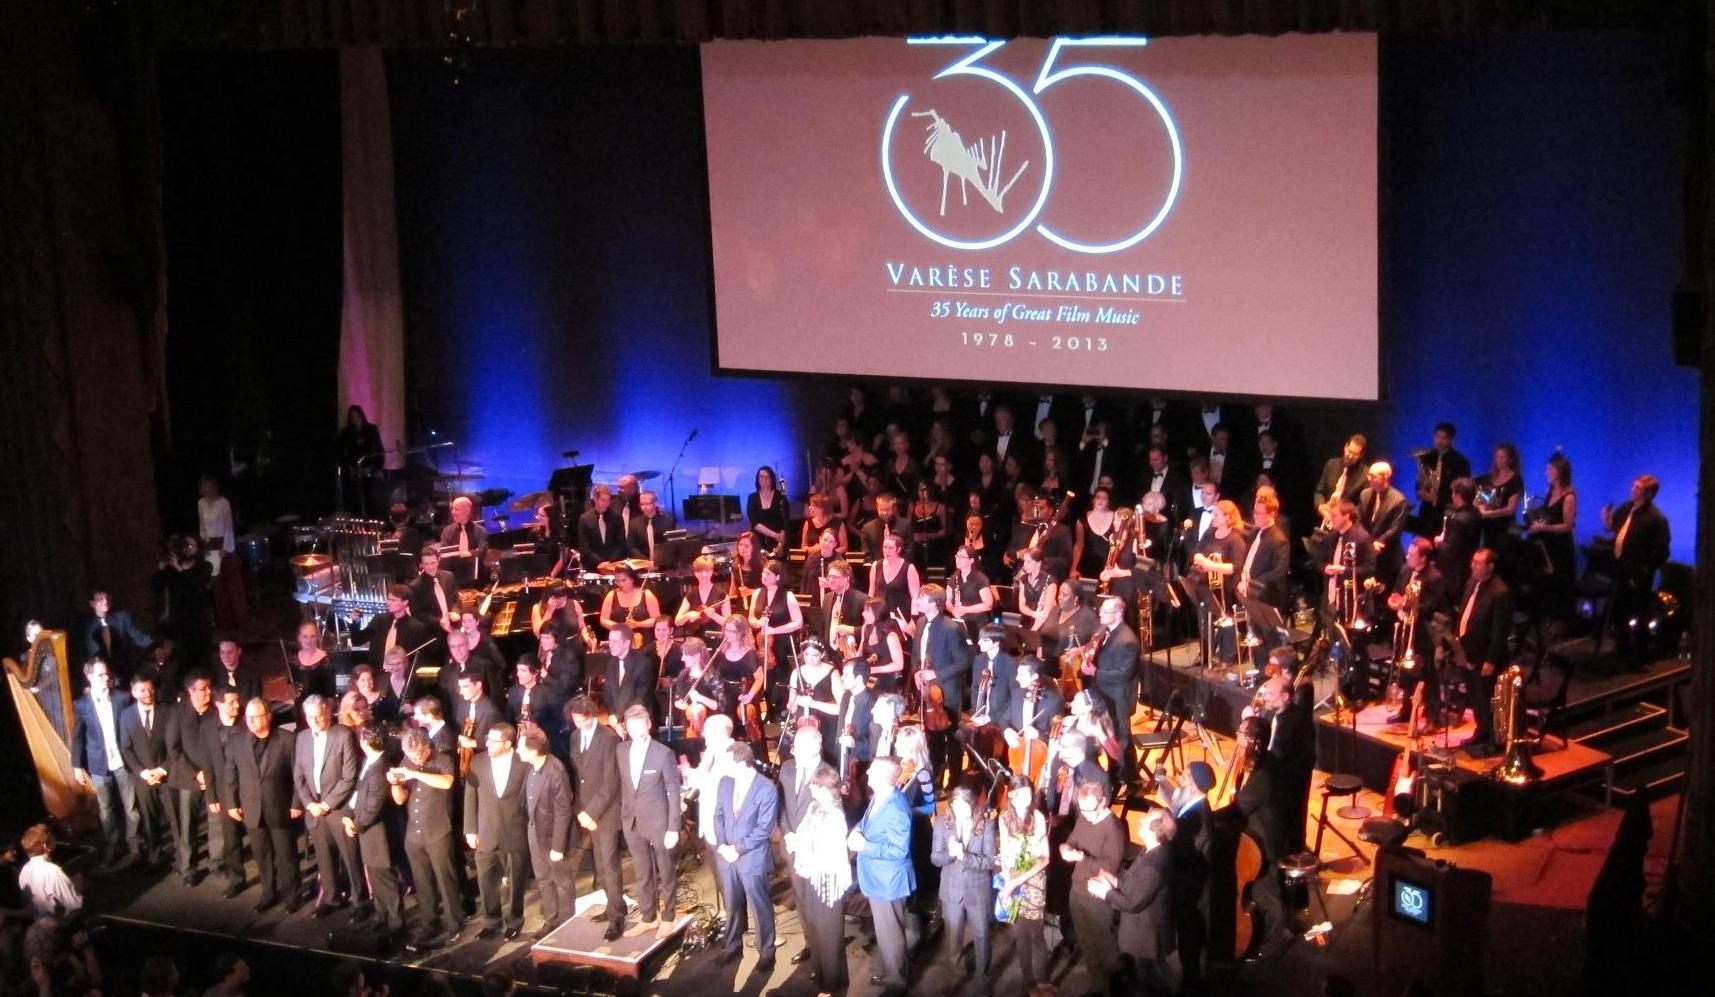 Varese Sarabande 35th Anniversary Final Bows -